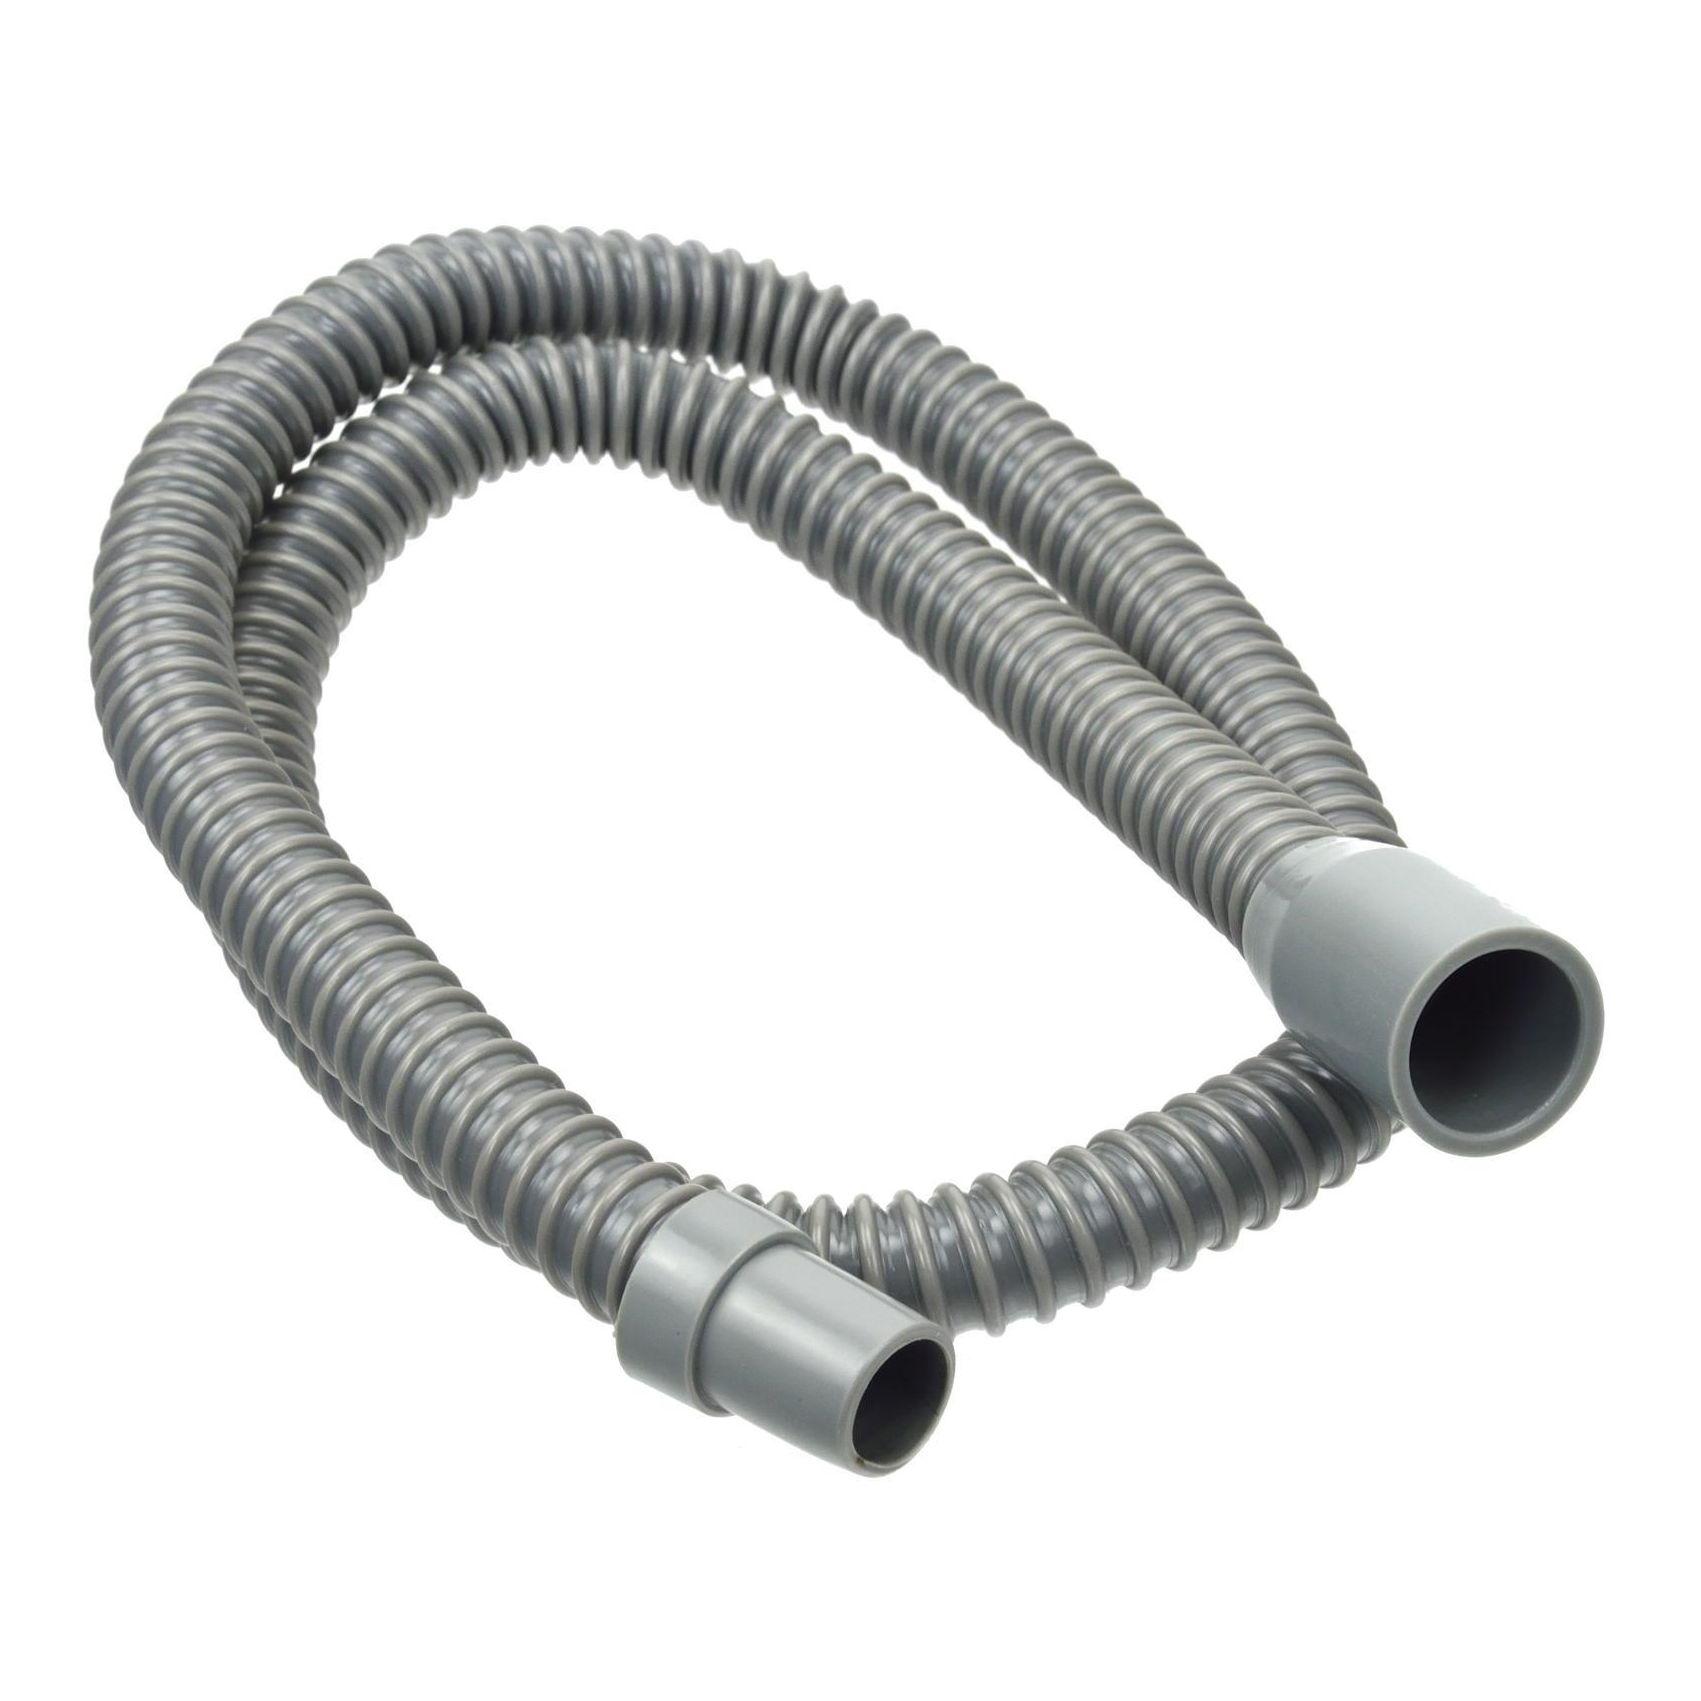 Szlifierka pneumatyczna (odpył centralny) GEKO PREMIUM5